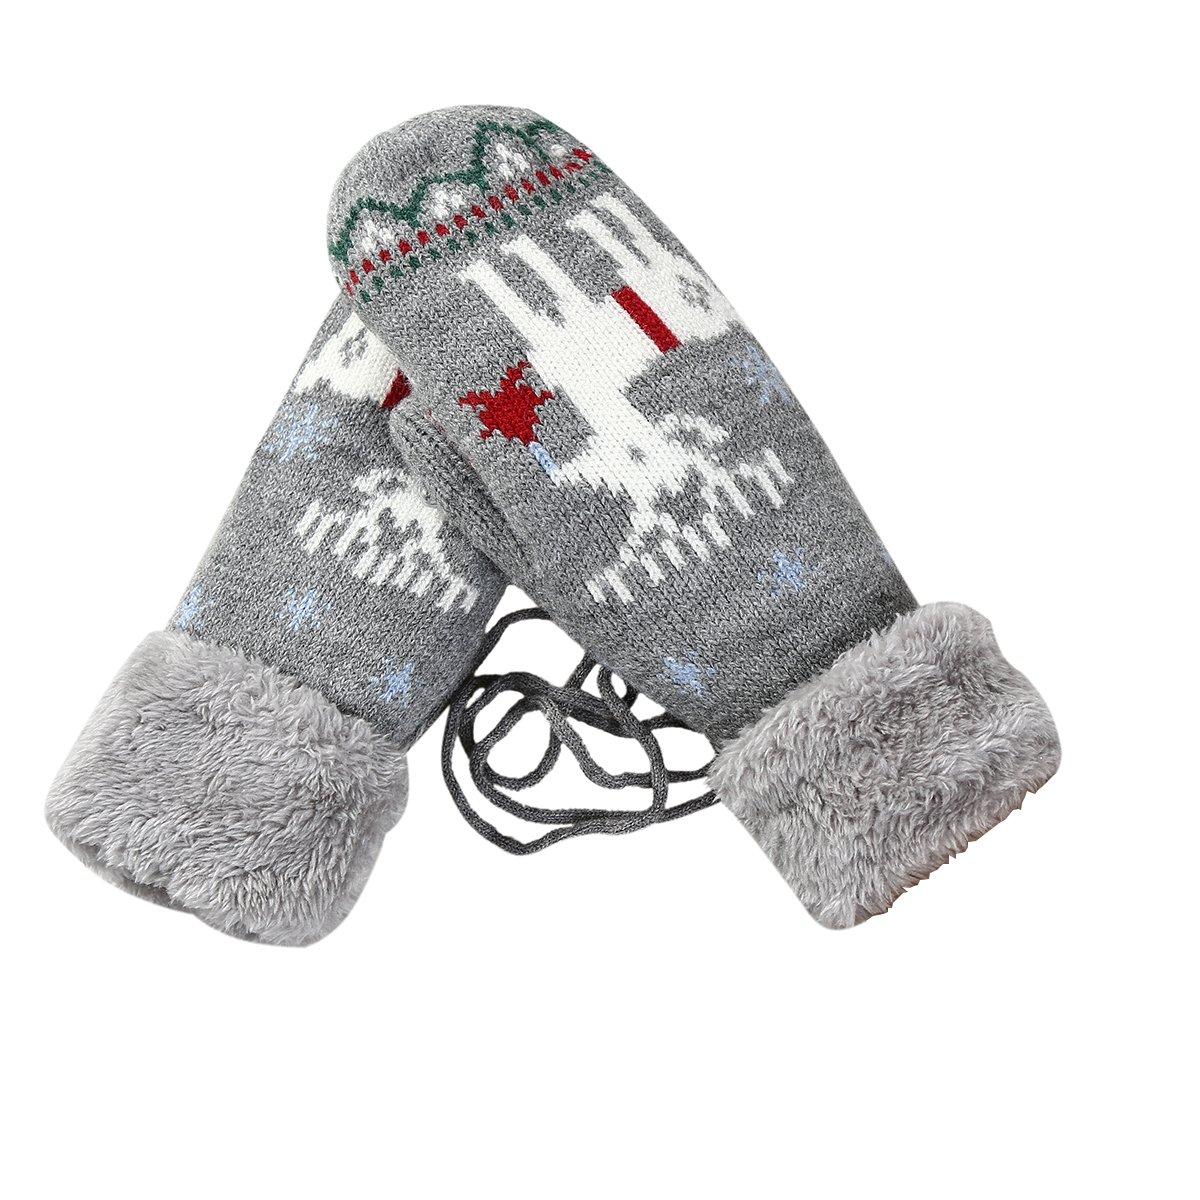 TININNA Invierno Gruesa Cálido copo de nieve ciervos patrón de punto ...